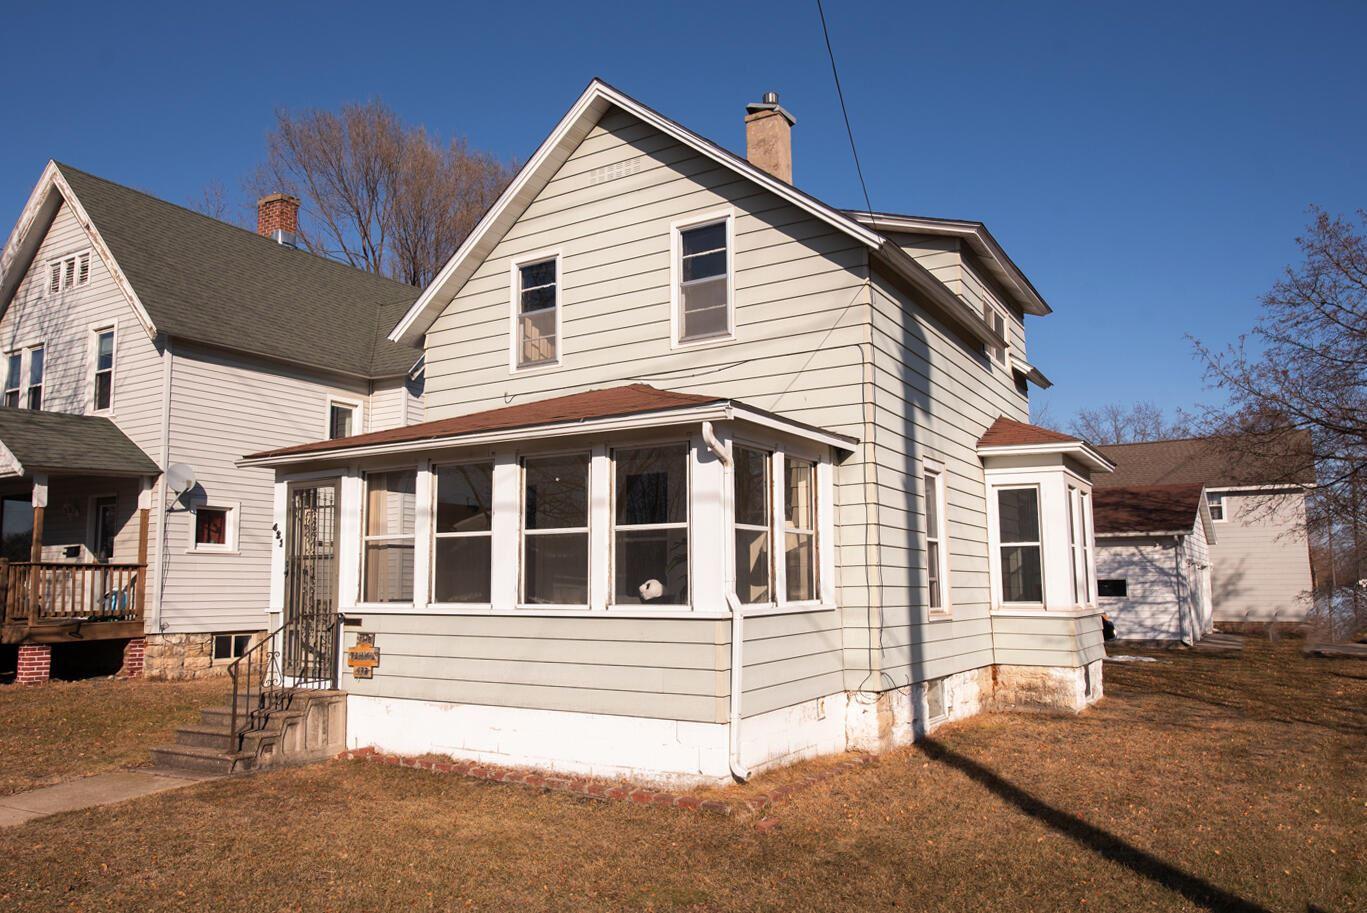 422 Baker St S, Winona, WI 55987 - MLS#: 1729188